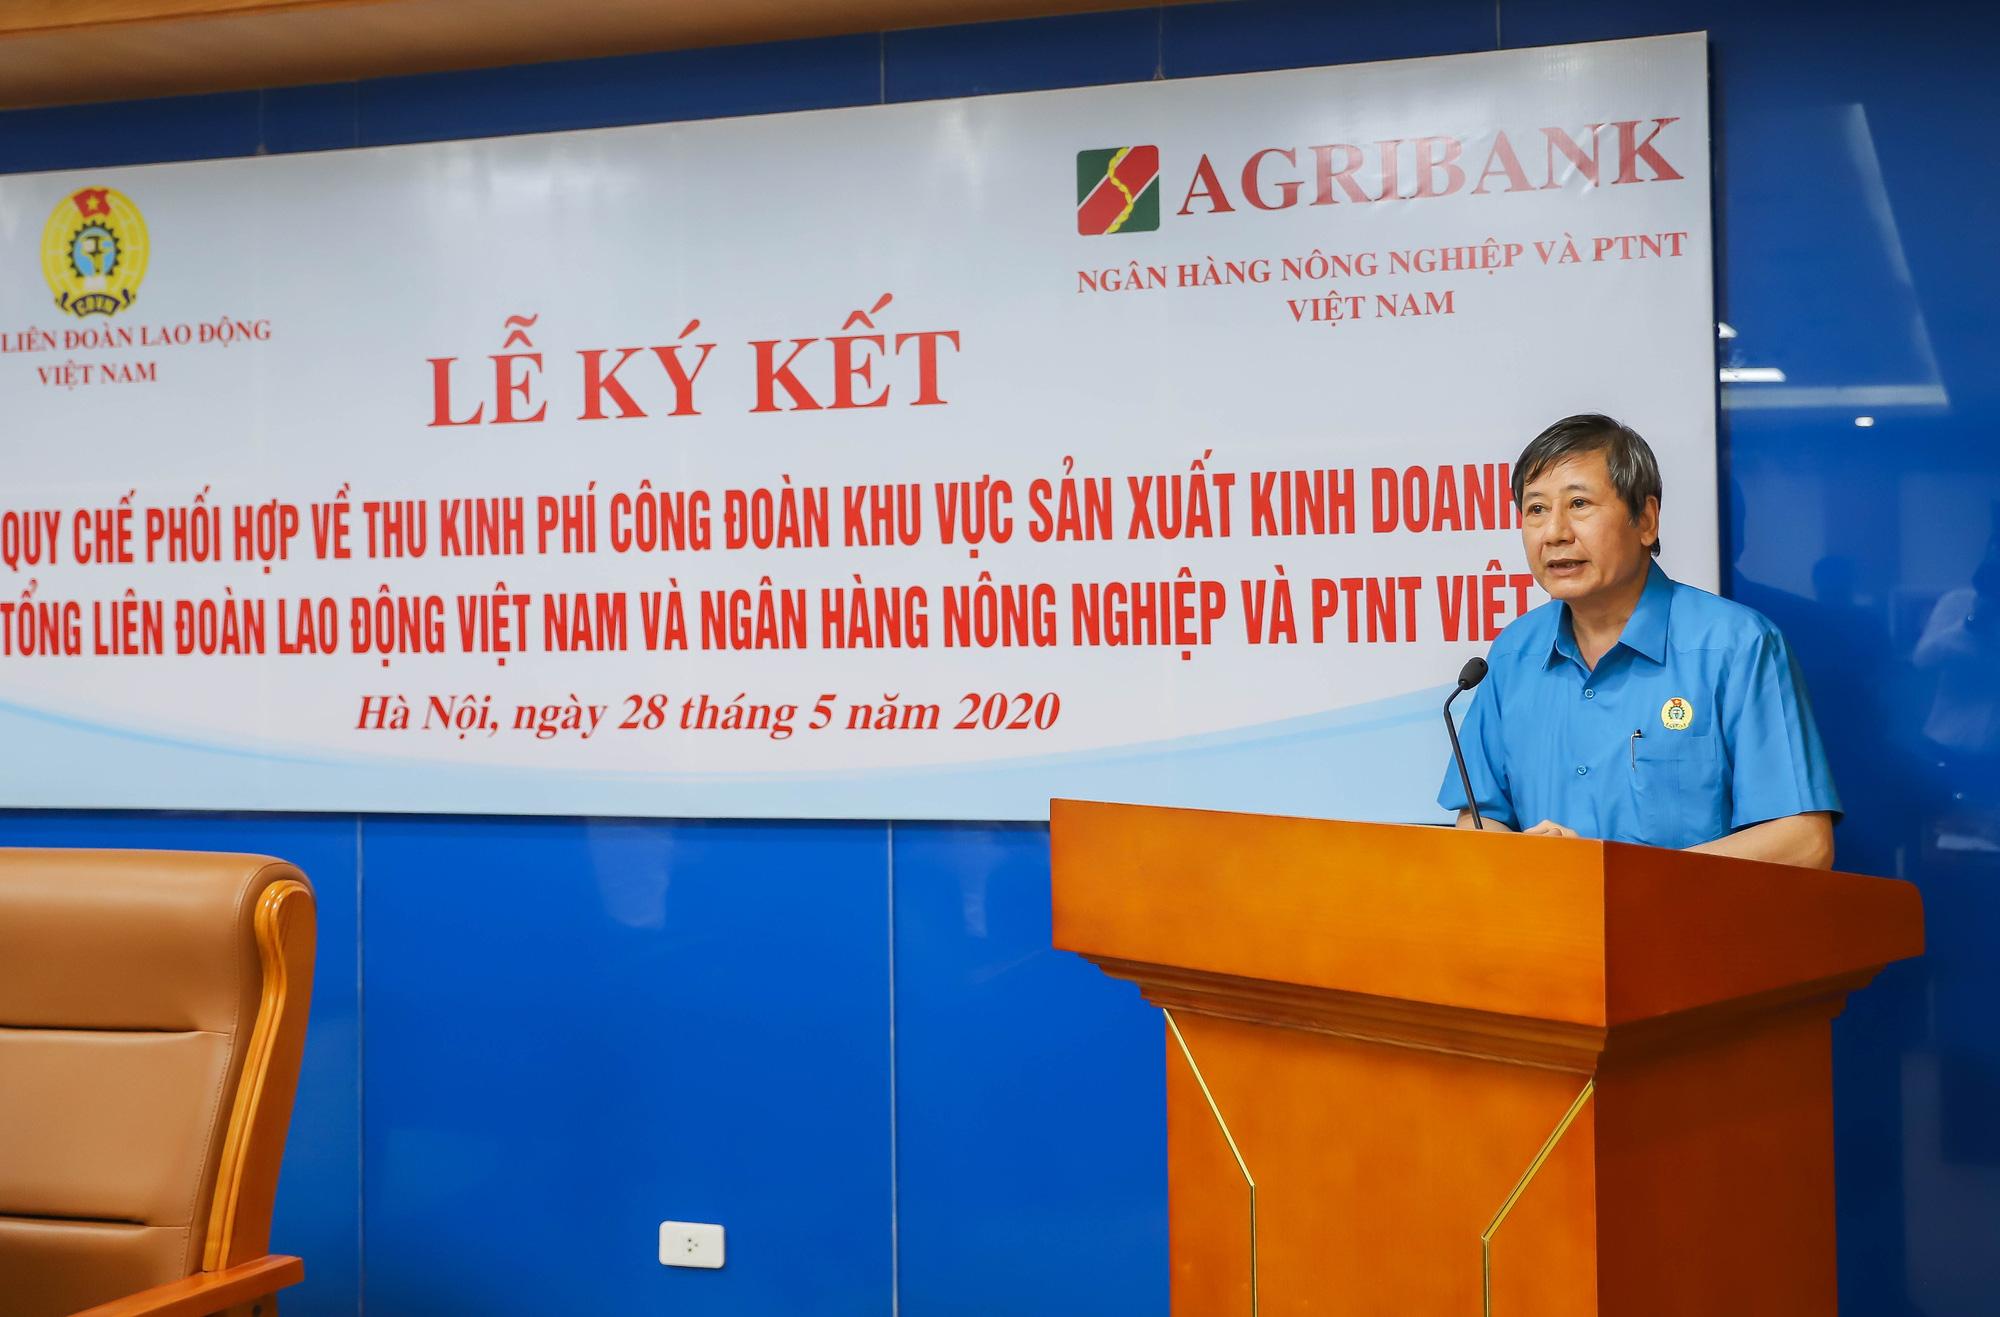 Agribank và Tổng Liên đoàn Lao động Việt Nam ký kết Quy chế hợp tác toàn diện - Ảnh 2.